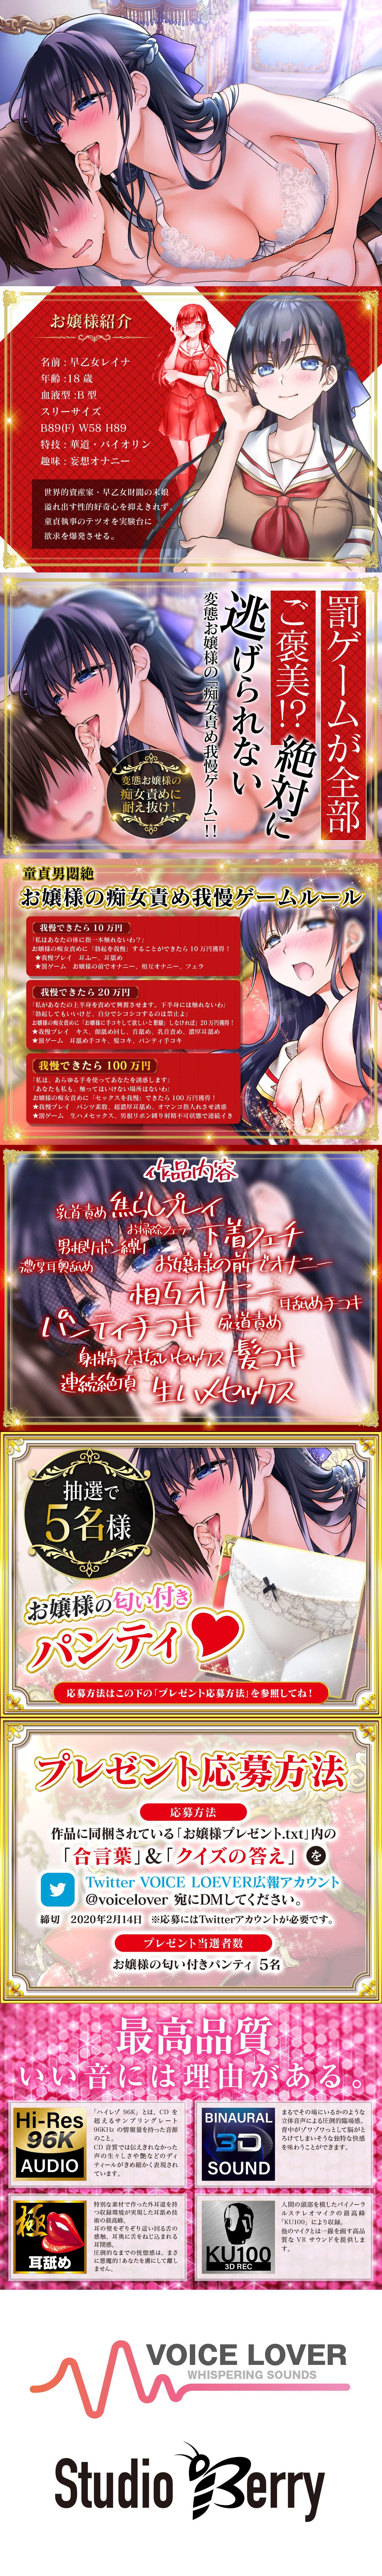 【極め耳舐め】どスケベお嬢様のぐっぽり濃厚耳舐めに耐えることが出来たら100万円!【フォーリー】 [VOICE LOVER]